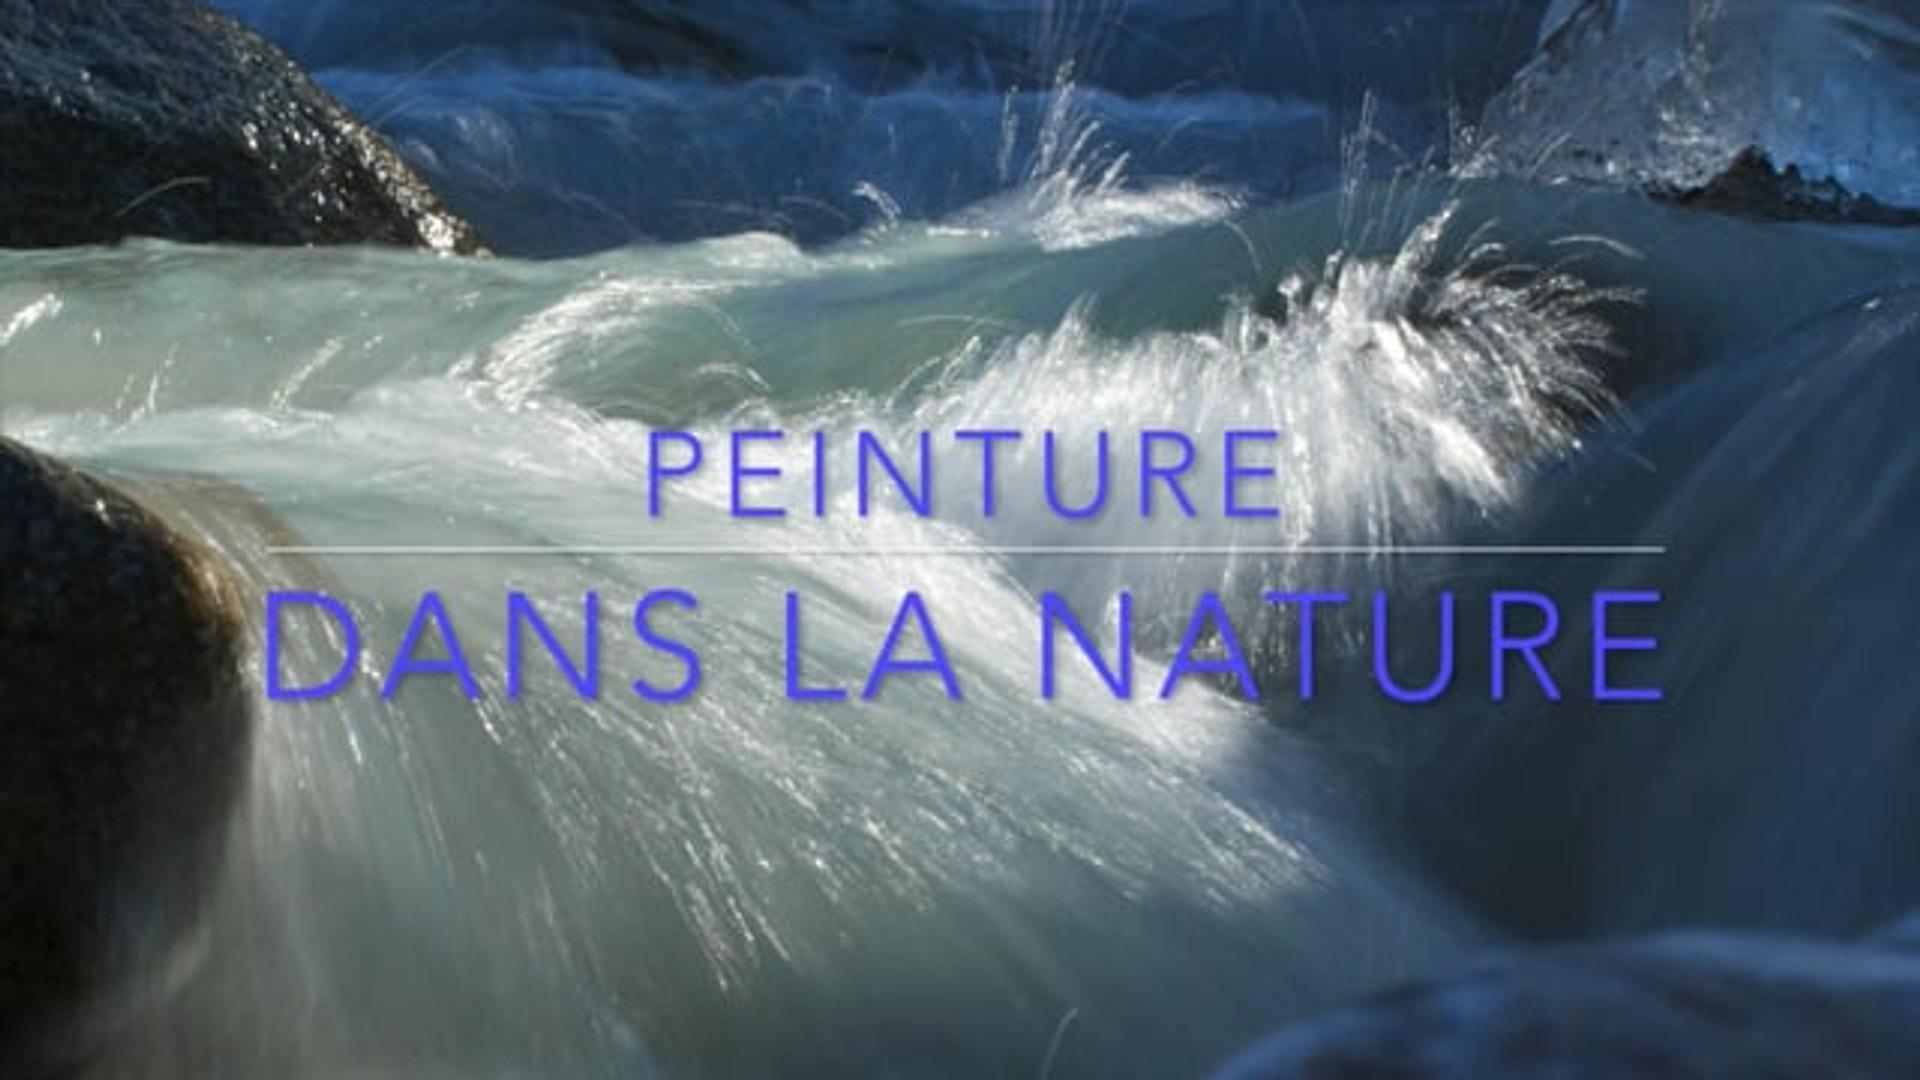 Vidéo des ateliers Peinture dans la Nature de l'été 2017